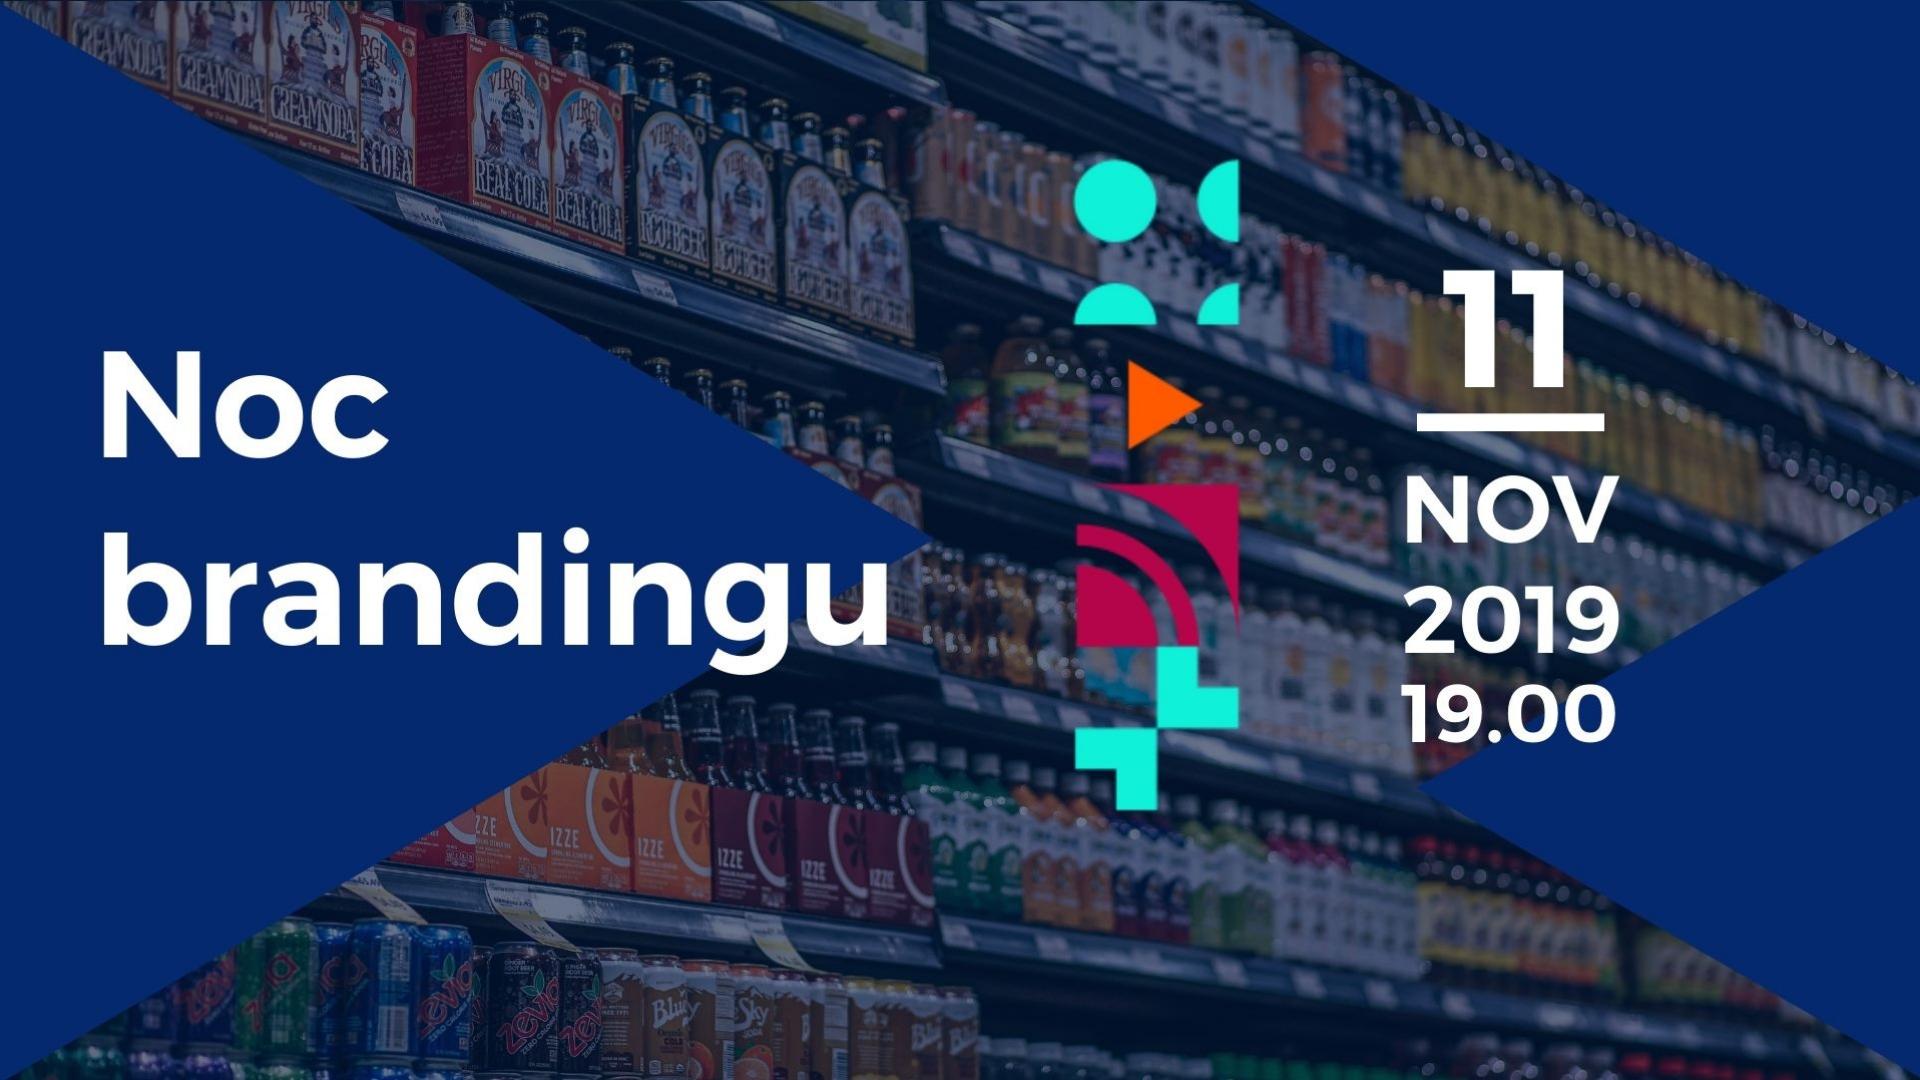 Noc brandingu – November 2019 – videozáznam